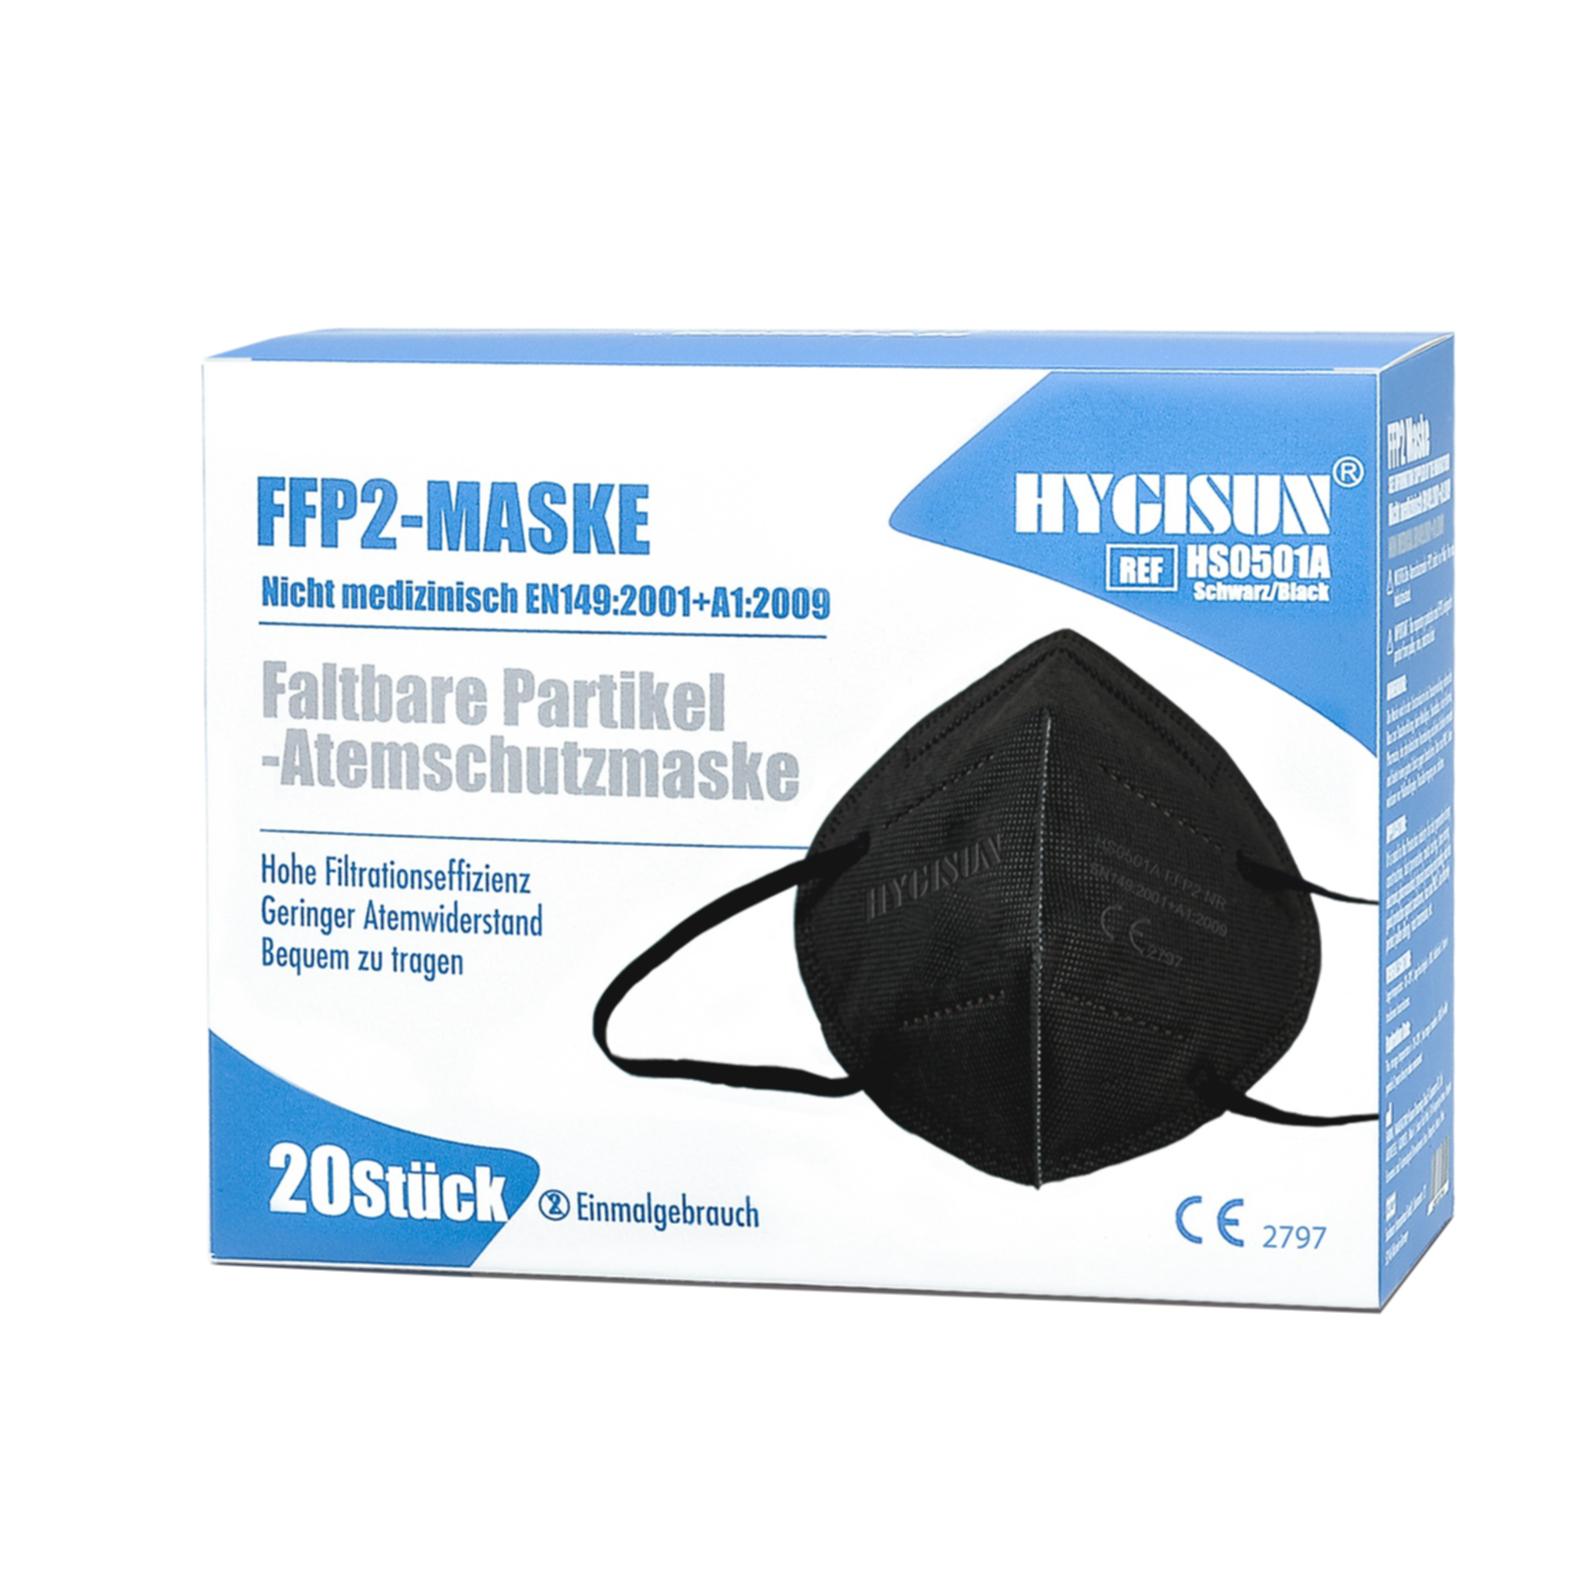 Hygisun FFP 2 Mundschutz-Maske schwarz - 20er Packung (TÜV geprüft)